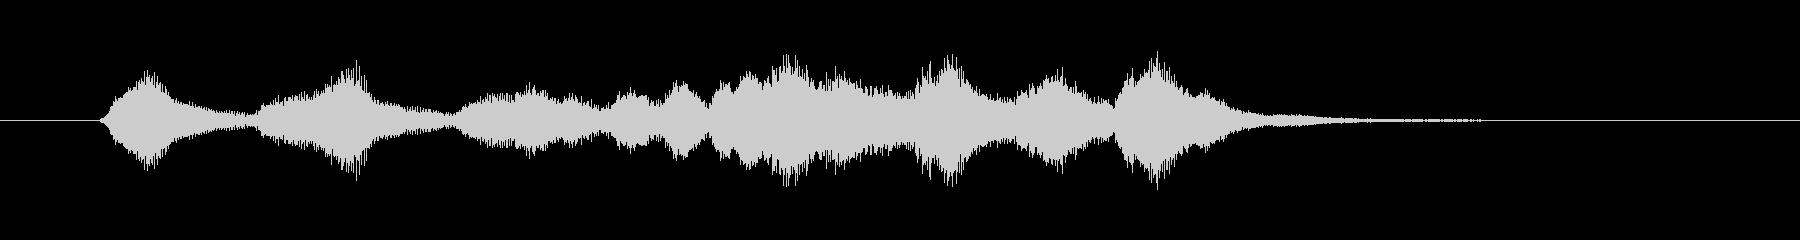 アイネクライネナハトムジーク超短ジングルの未再生の波形